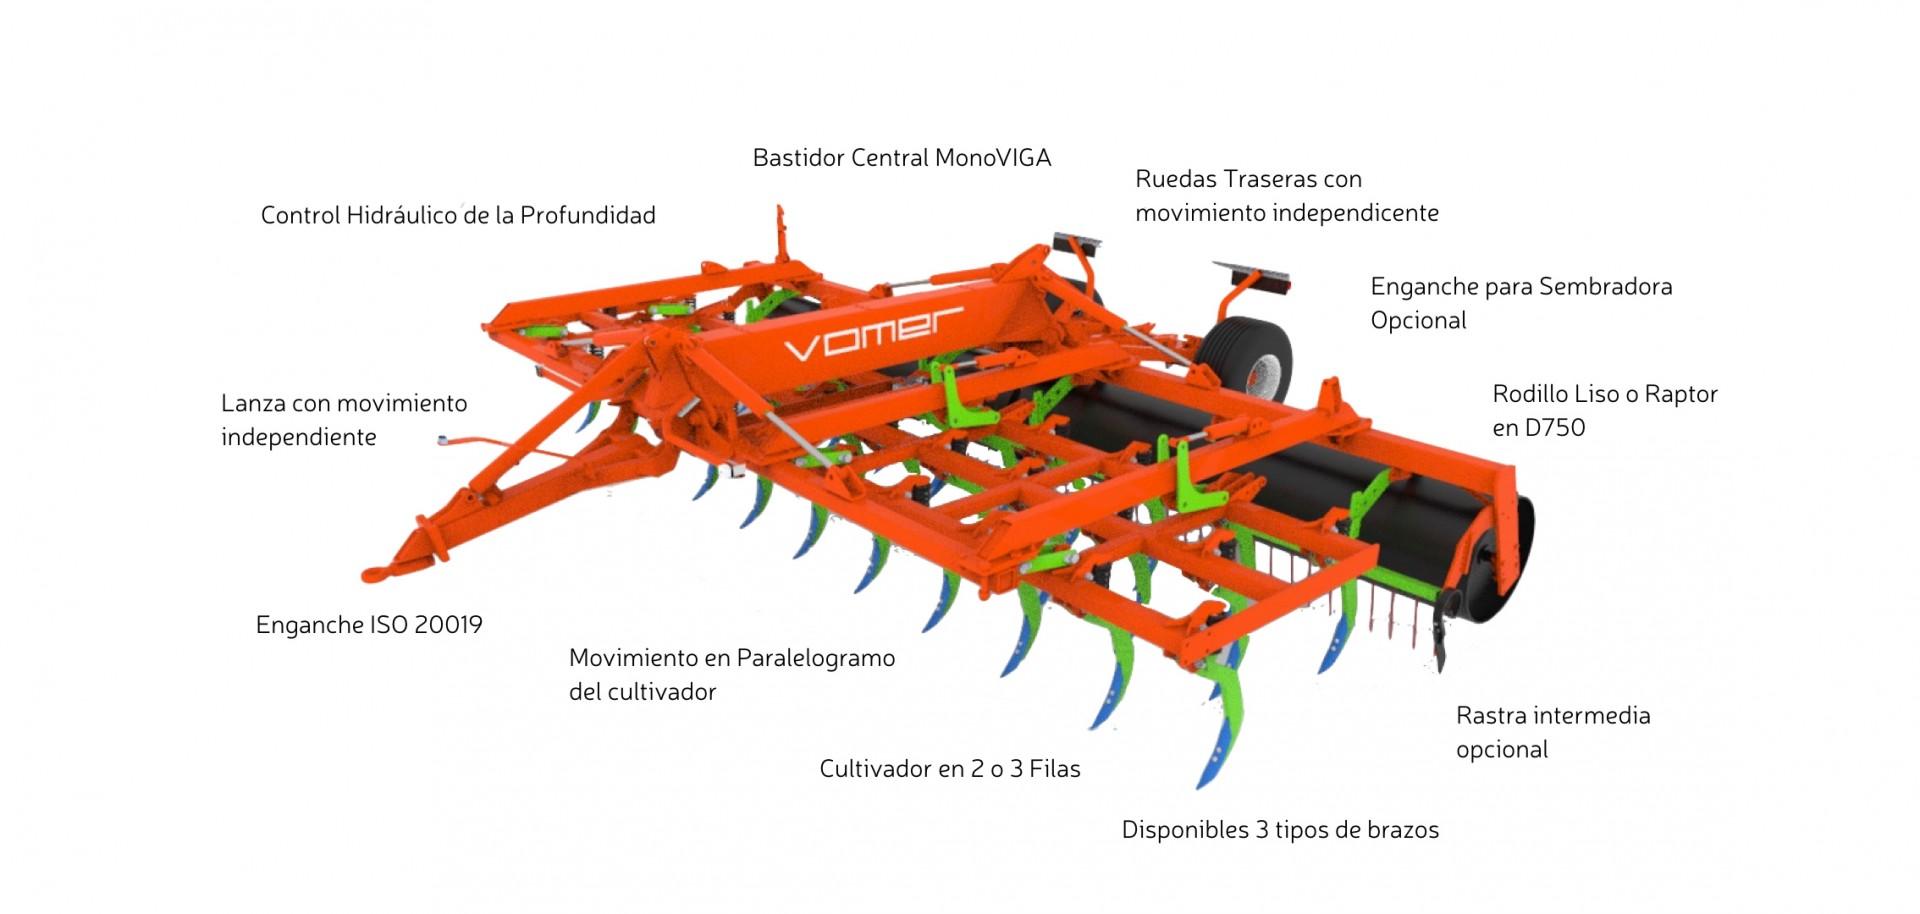 CULTIROLLER Rodillo+Cultivador2